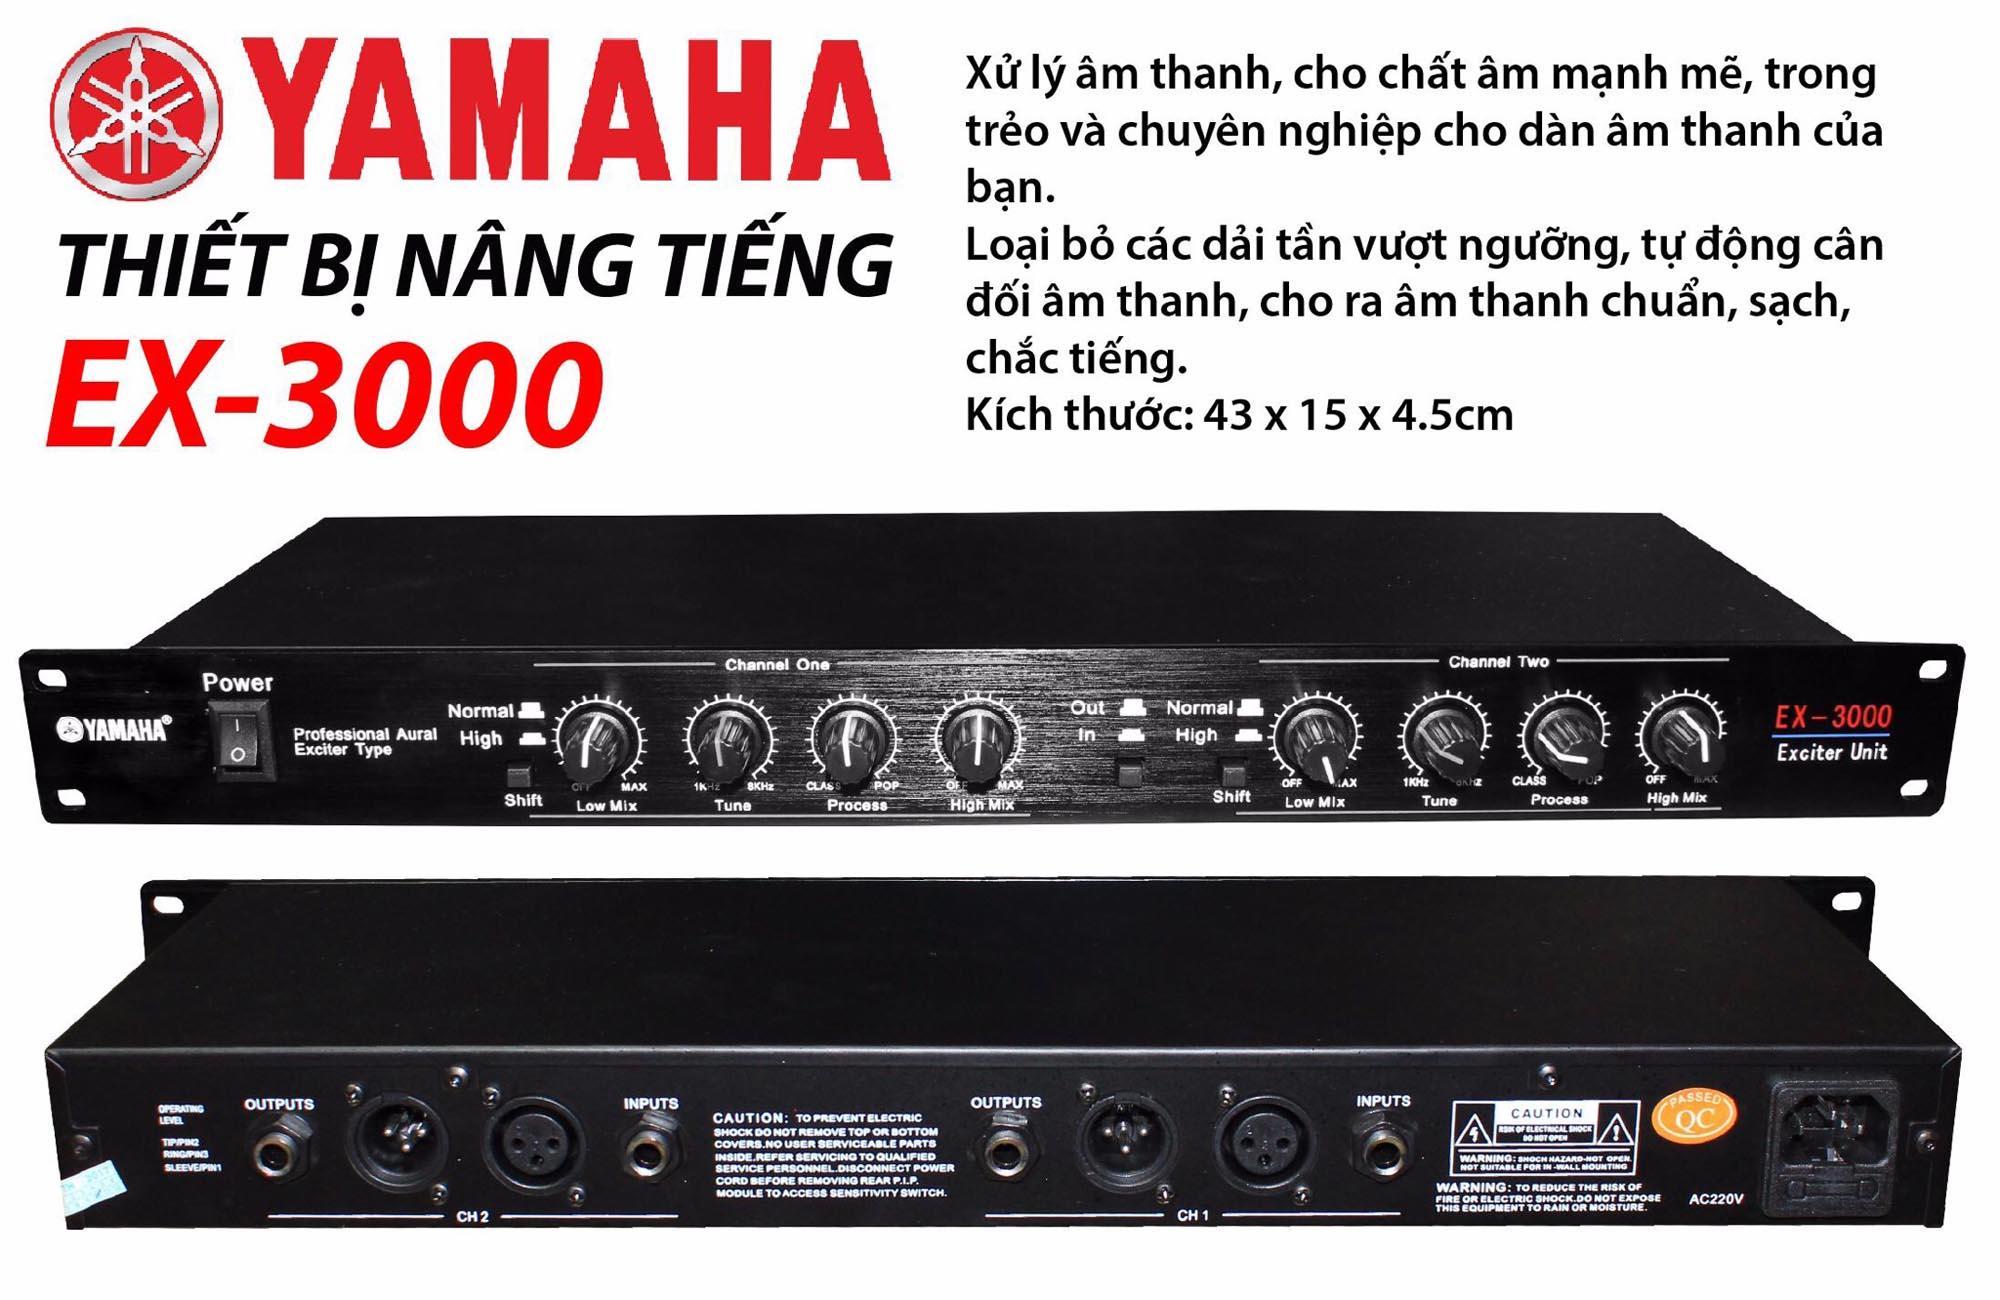 Bán May Nang Tiếng Yamaha Ex 3000 Trực Tuyến Hồ Chí Minh